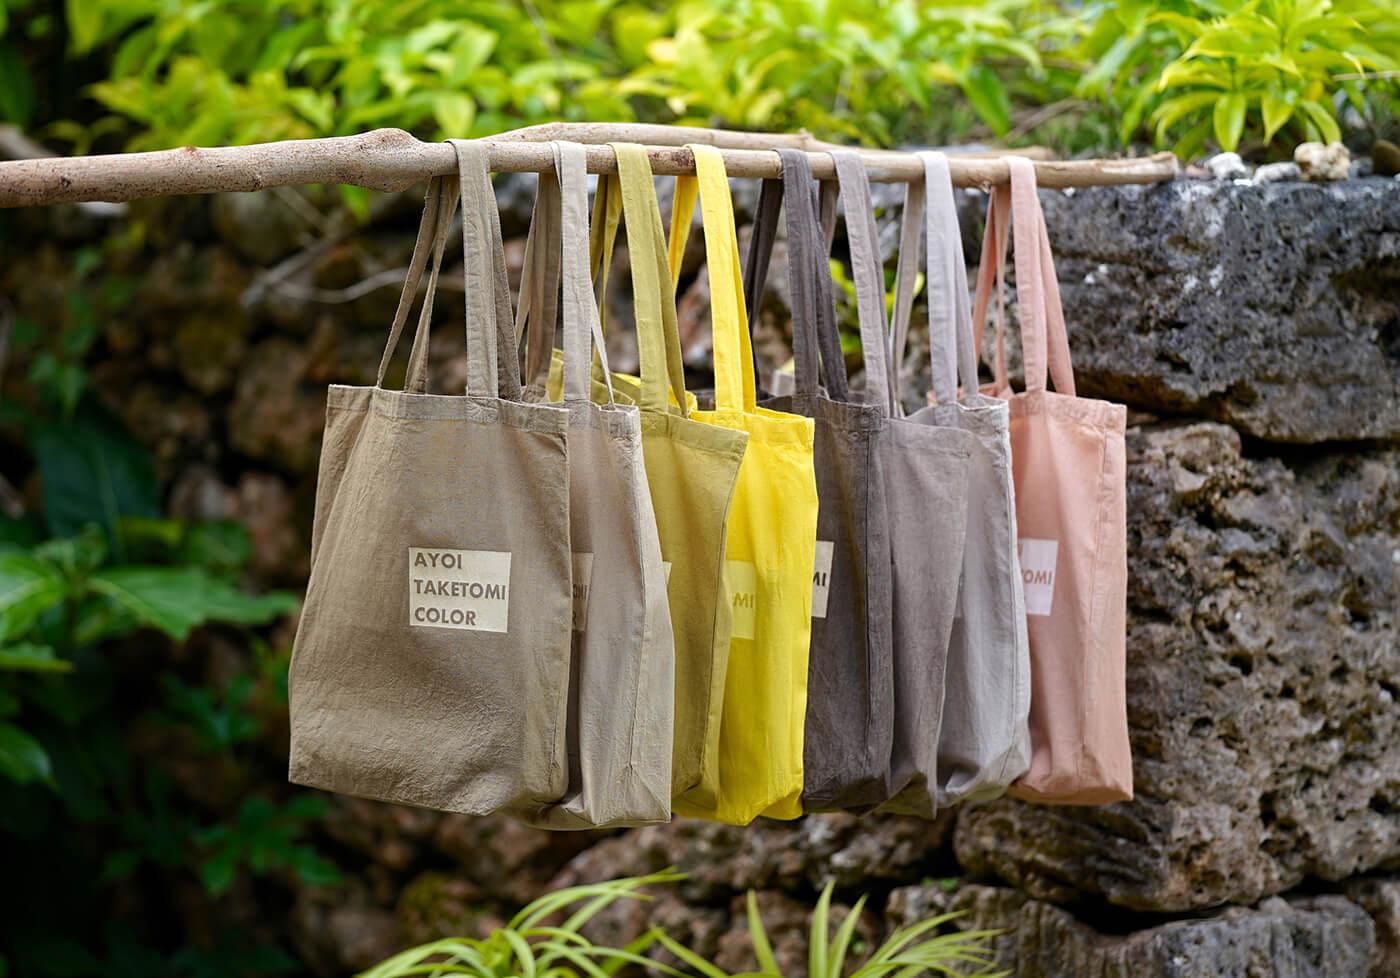 落ちついた色合いの「Ayoi TAKETOMI color」のエコバッグ(1,600円)を持てば、自然と歩調もゆったりに